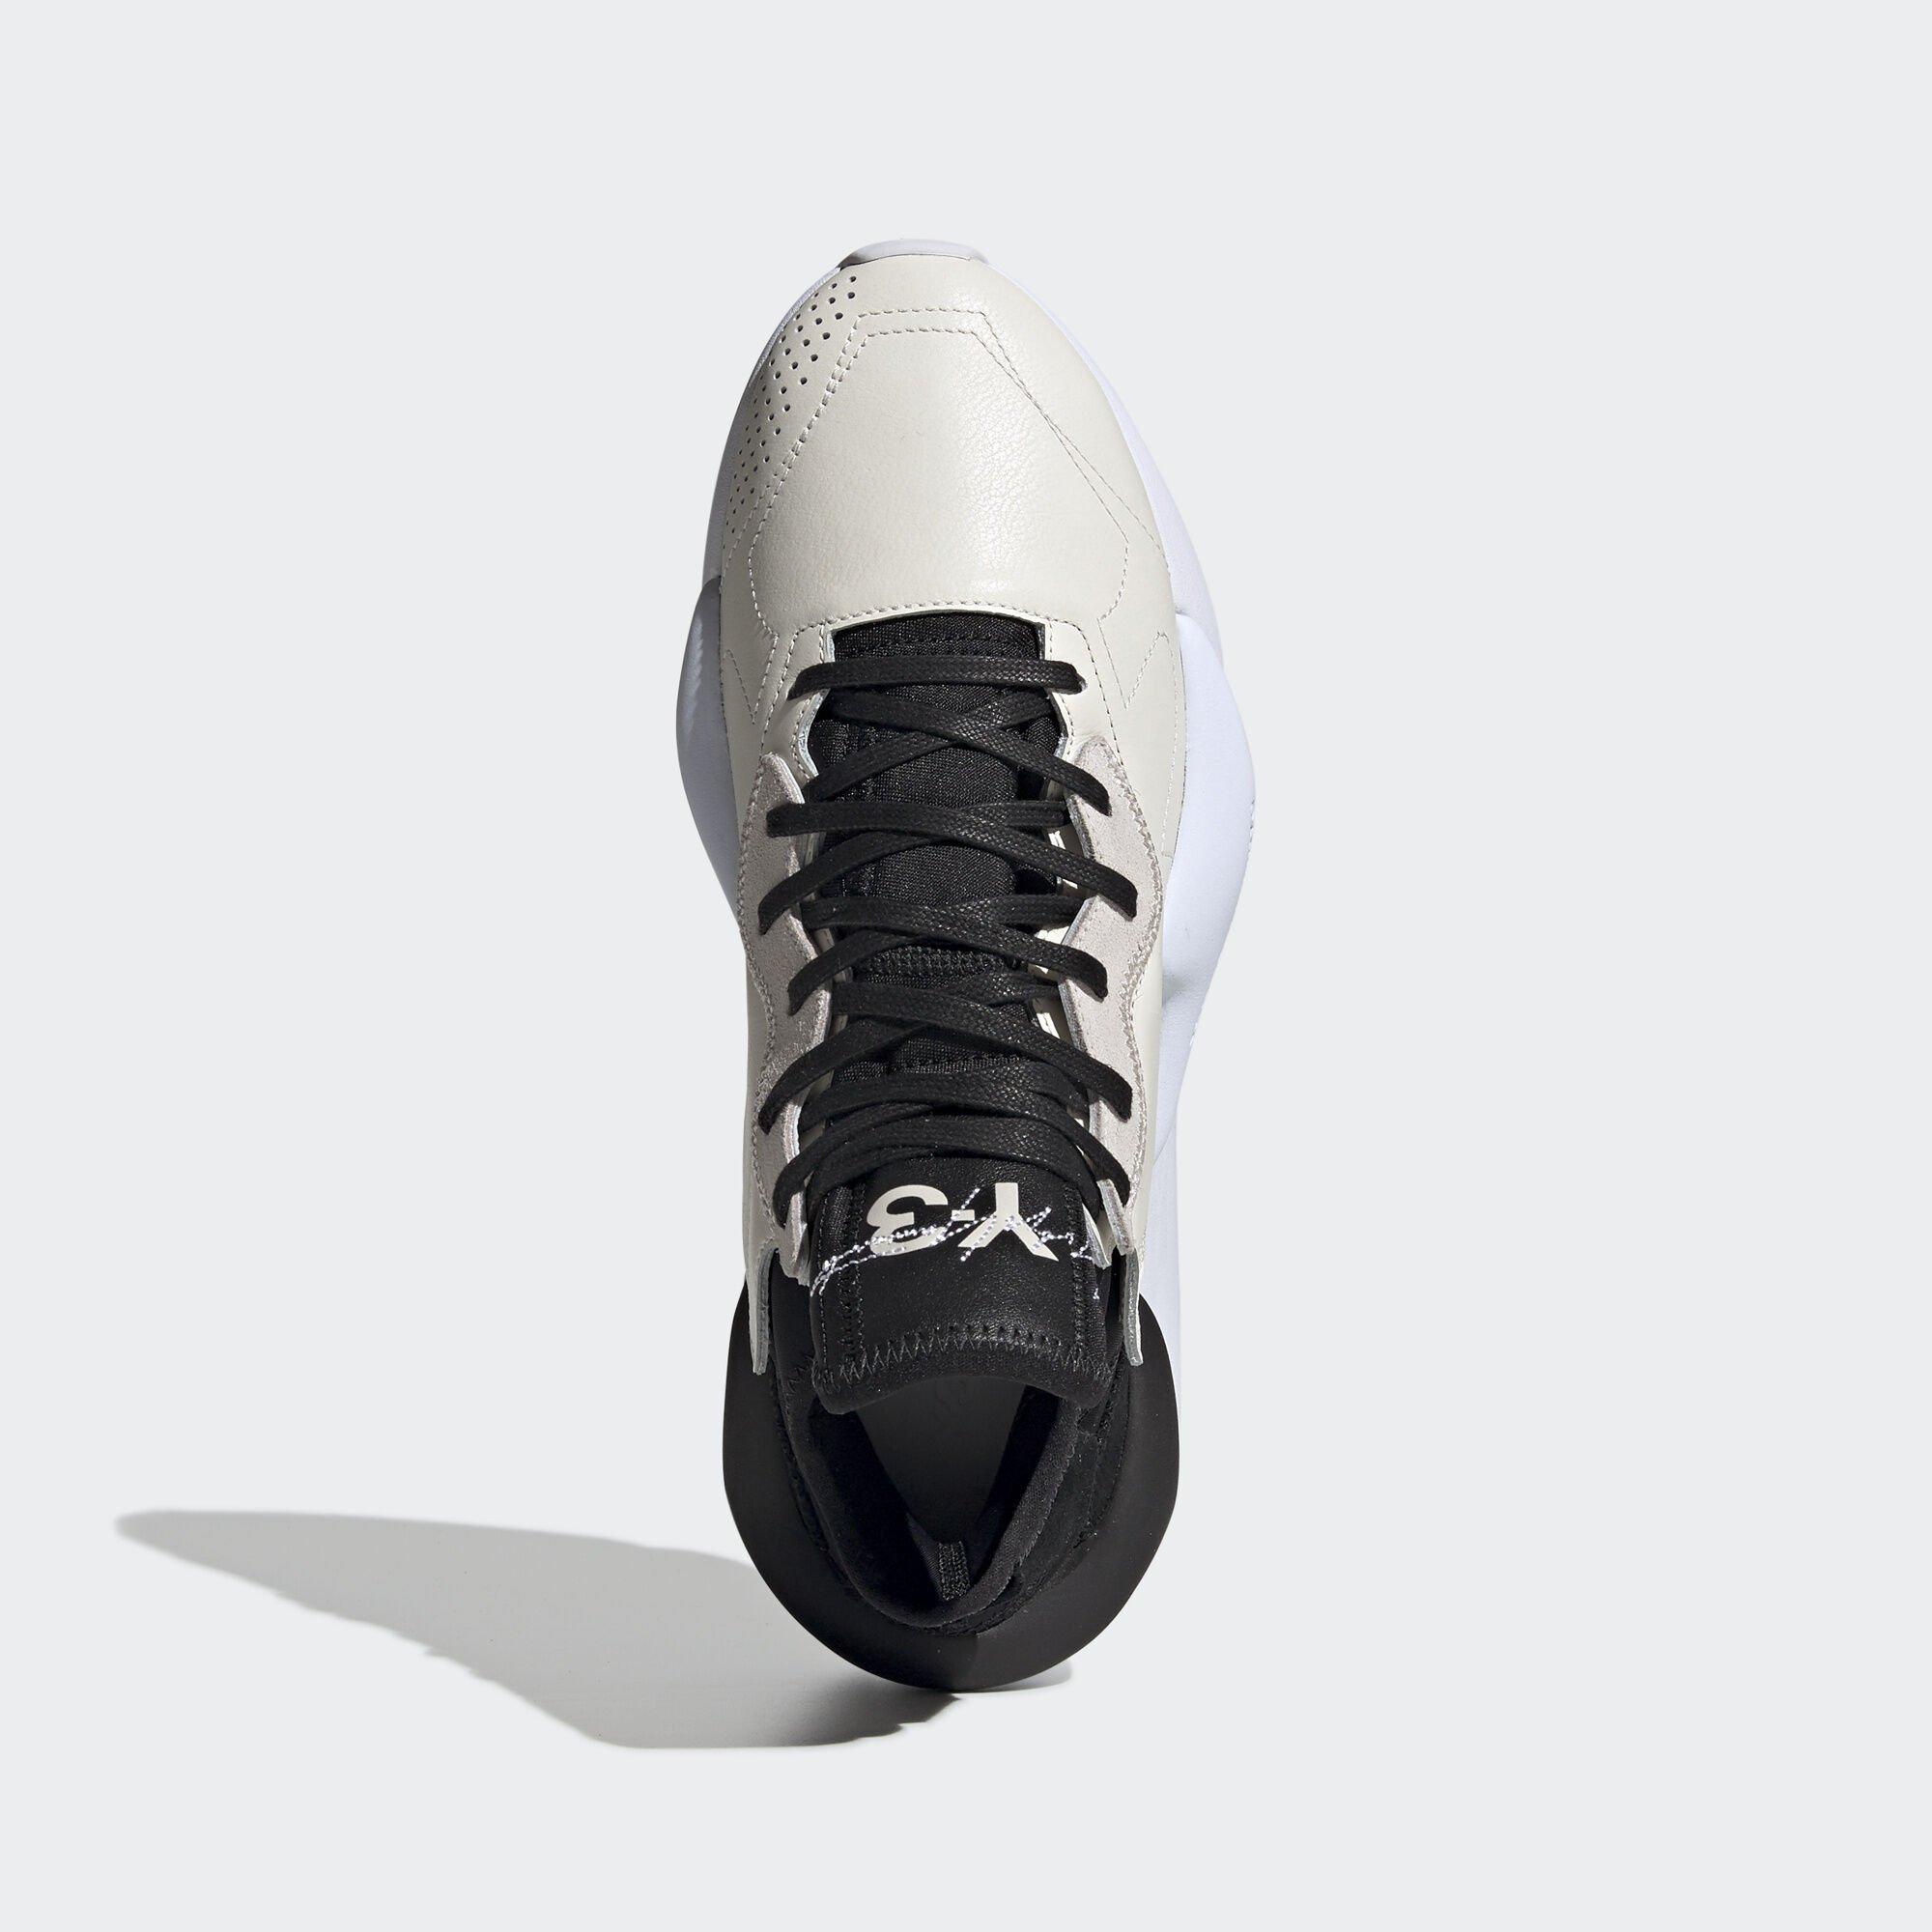 adidas Y-3 Kaiwa Black White Sole (EF2546)